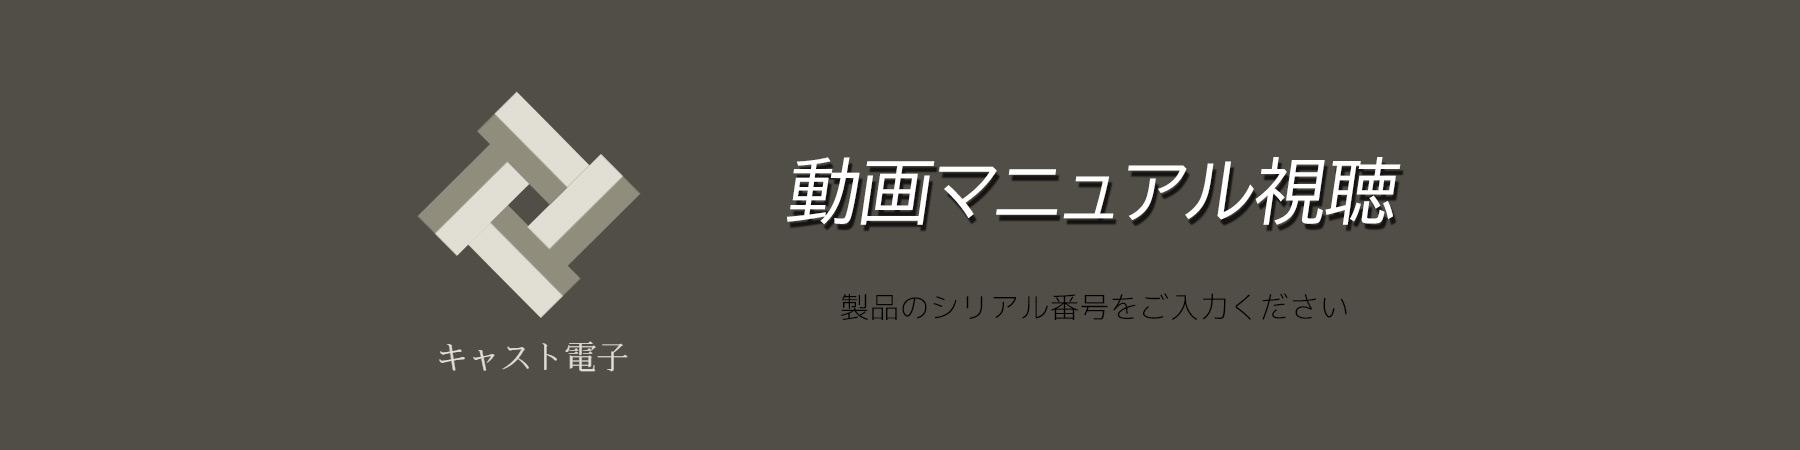 キャスト電子 動画マニュアル視聴